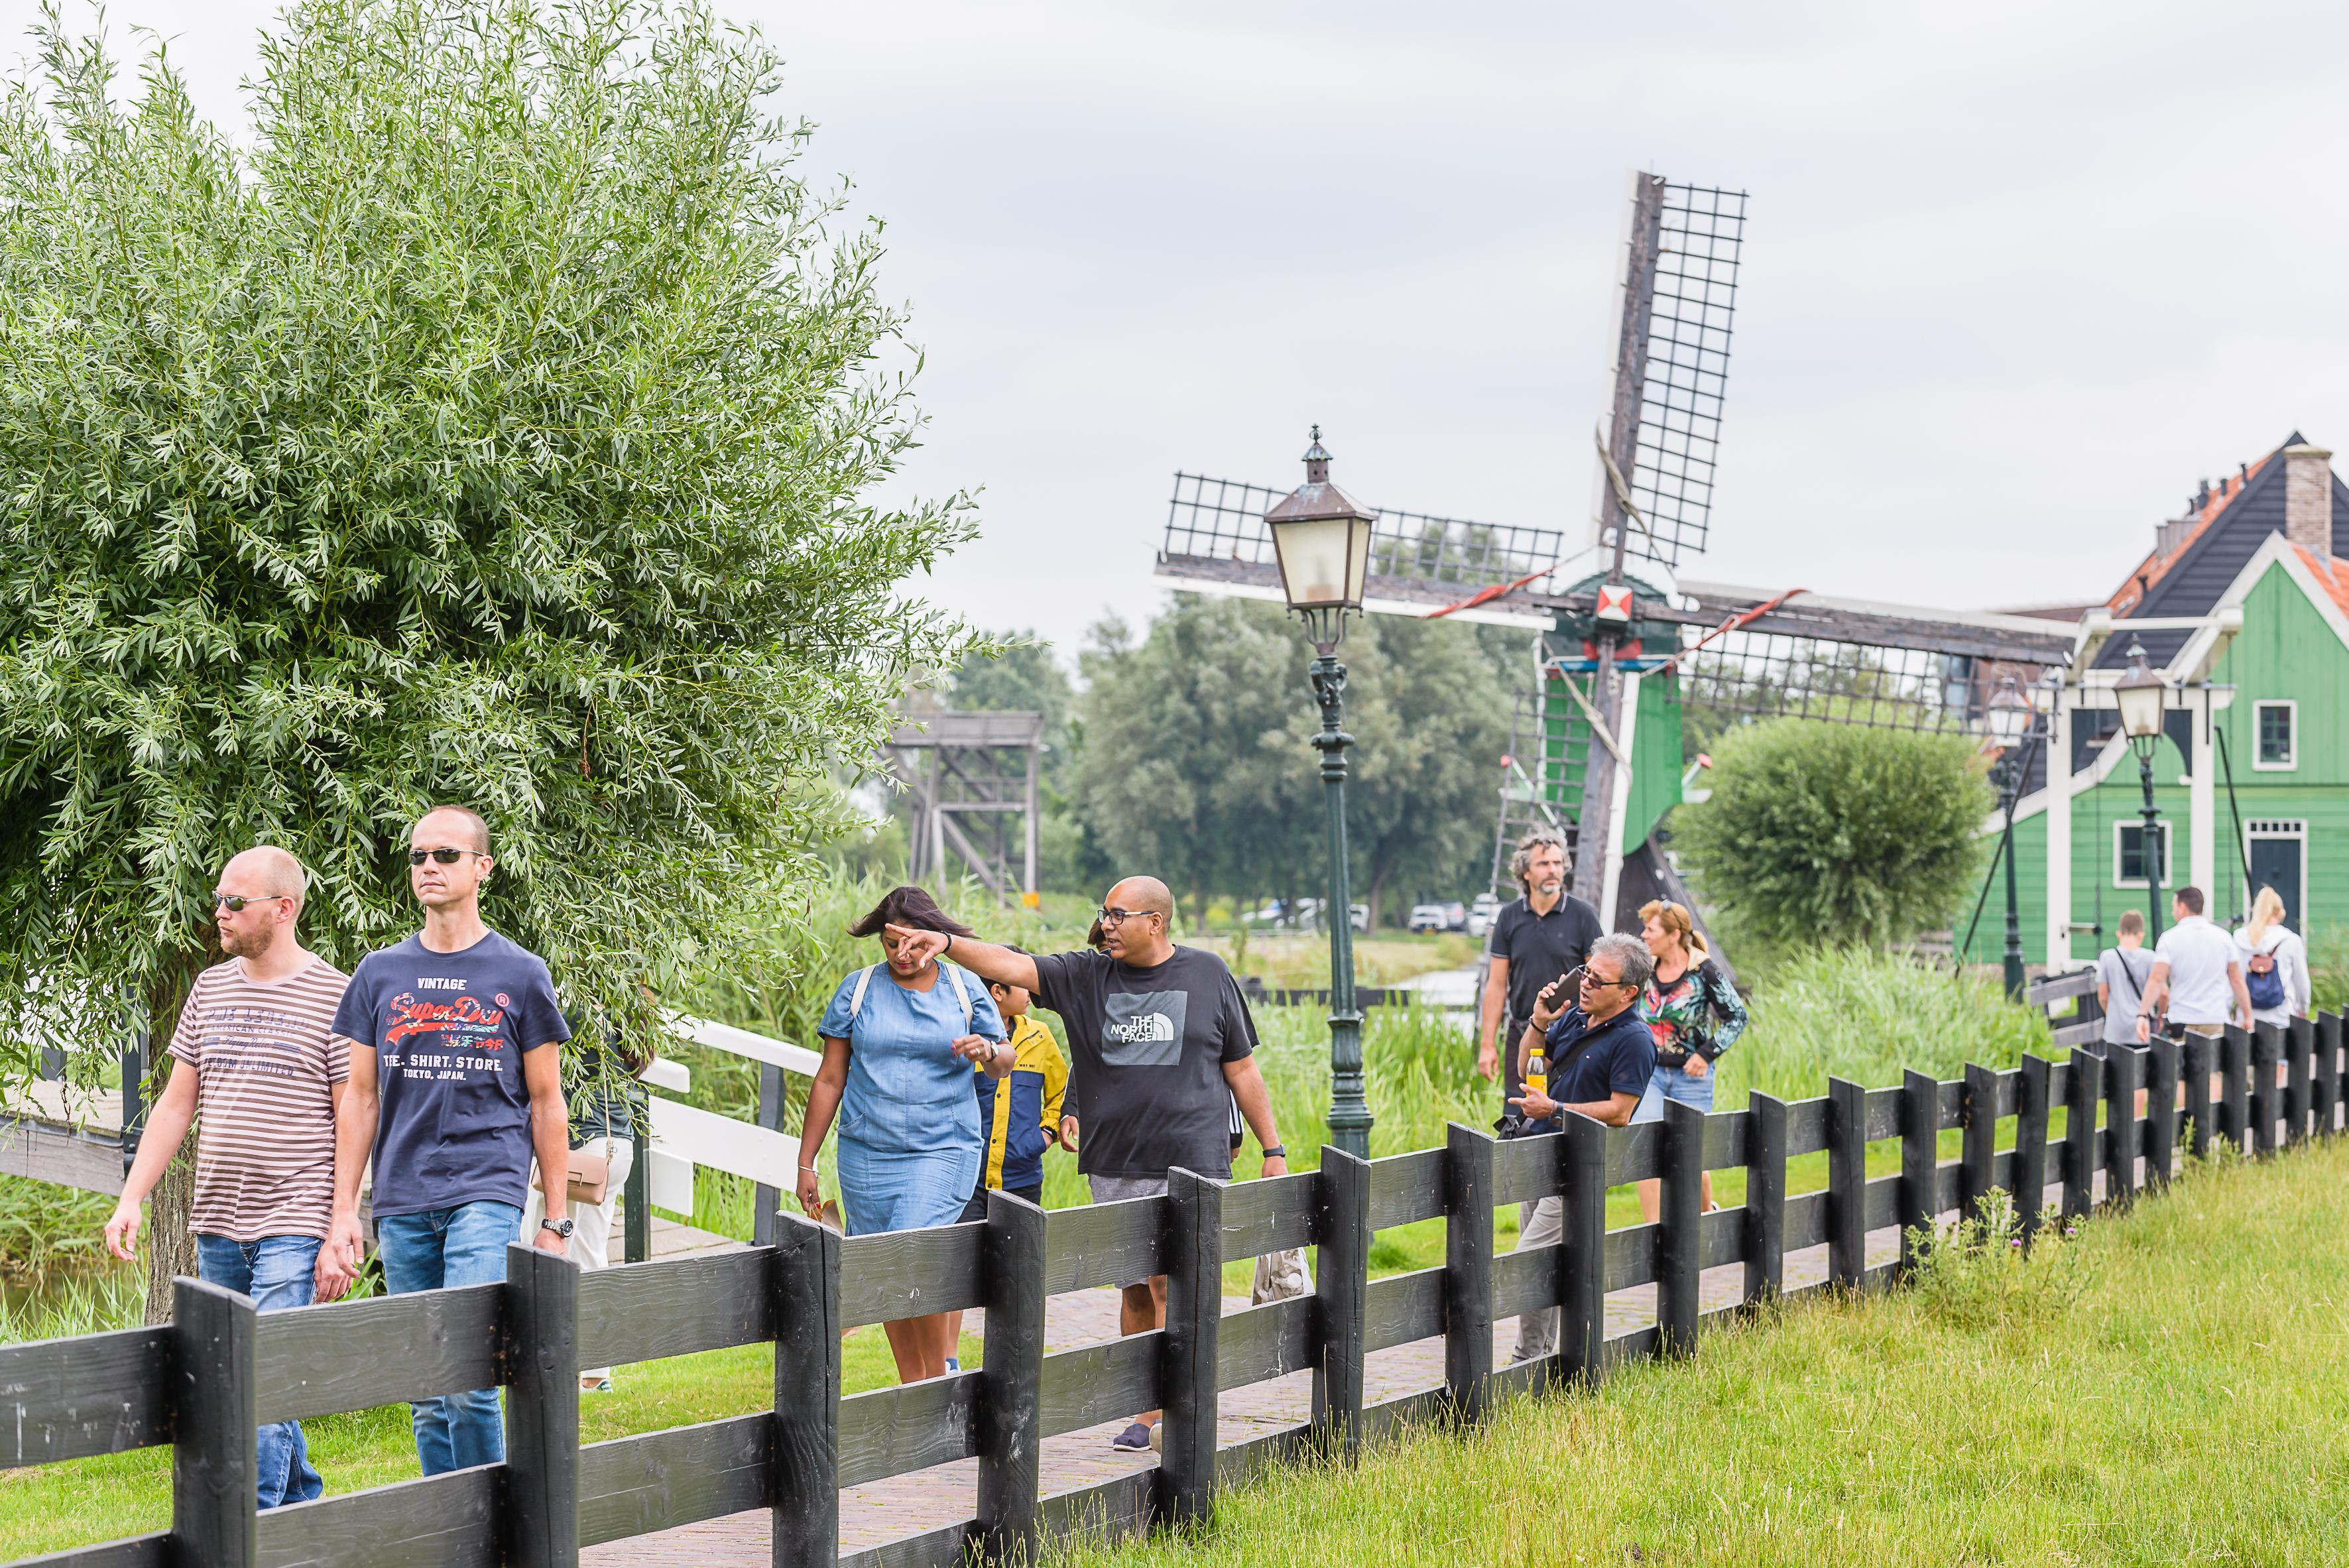 Zaanse Schans wil 'Leukste uitje van Nederland' zijn in ANWB- verkiezing